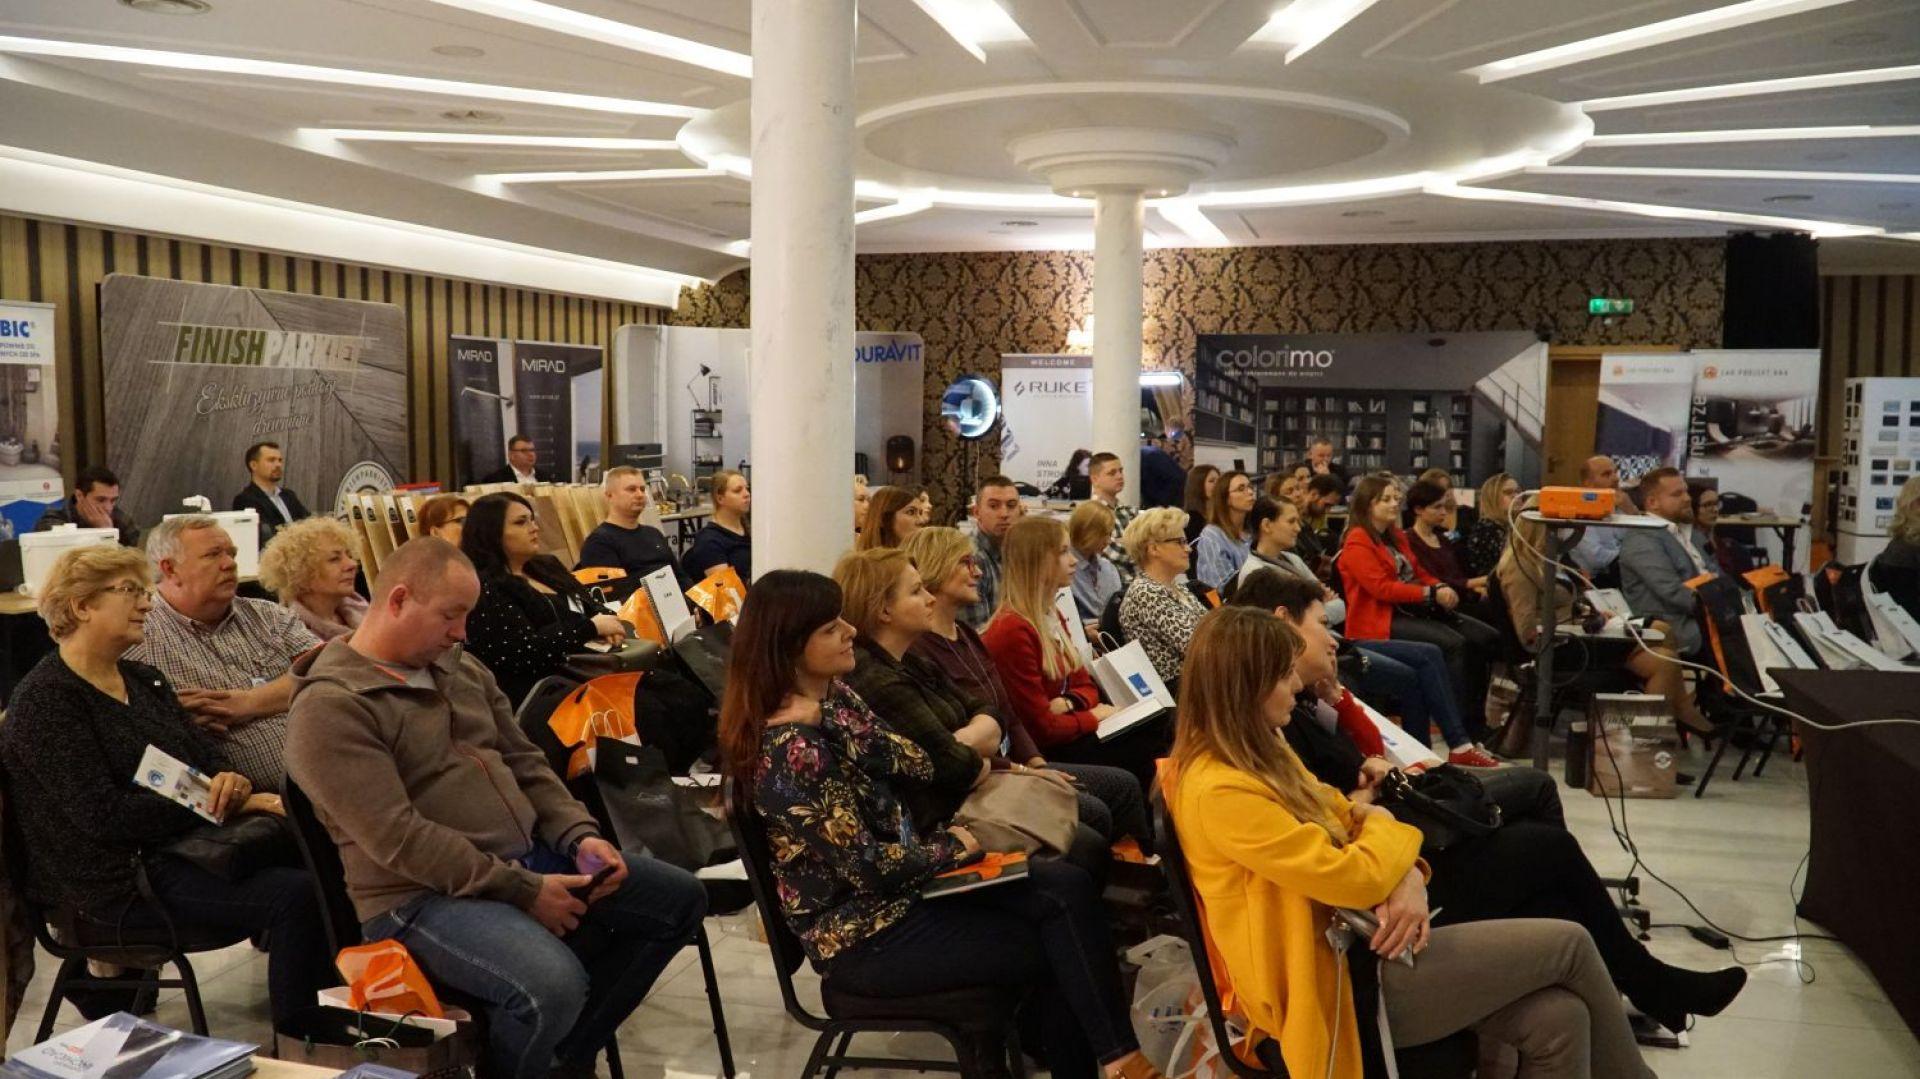 Ponad 80 osób uczestniczyło w spotkaniu Studia Dobrych Rozwiązań w Radomiu